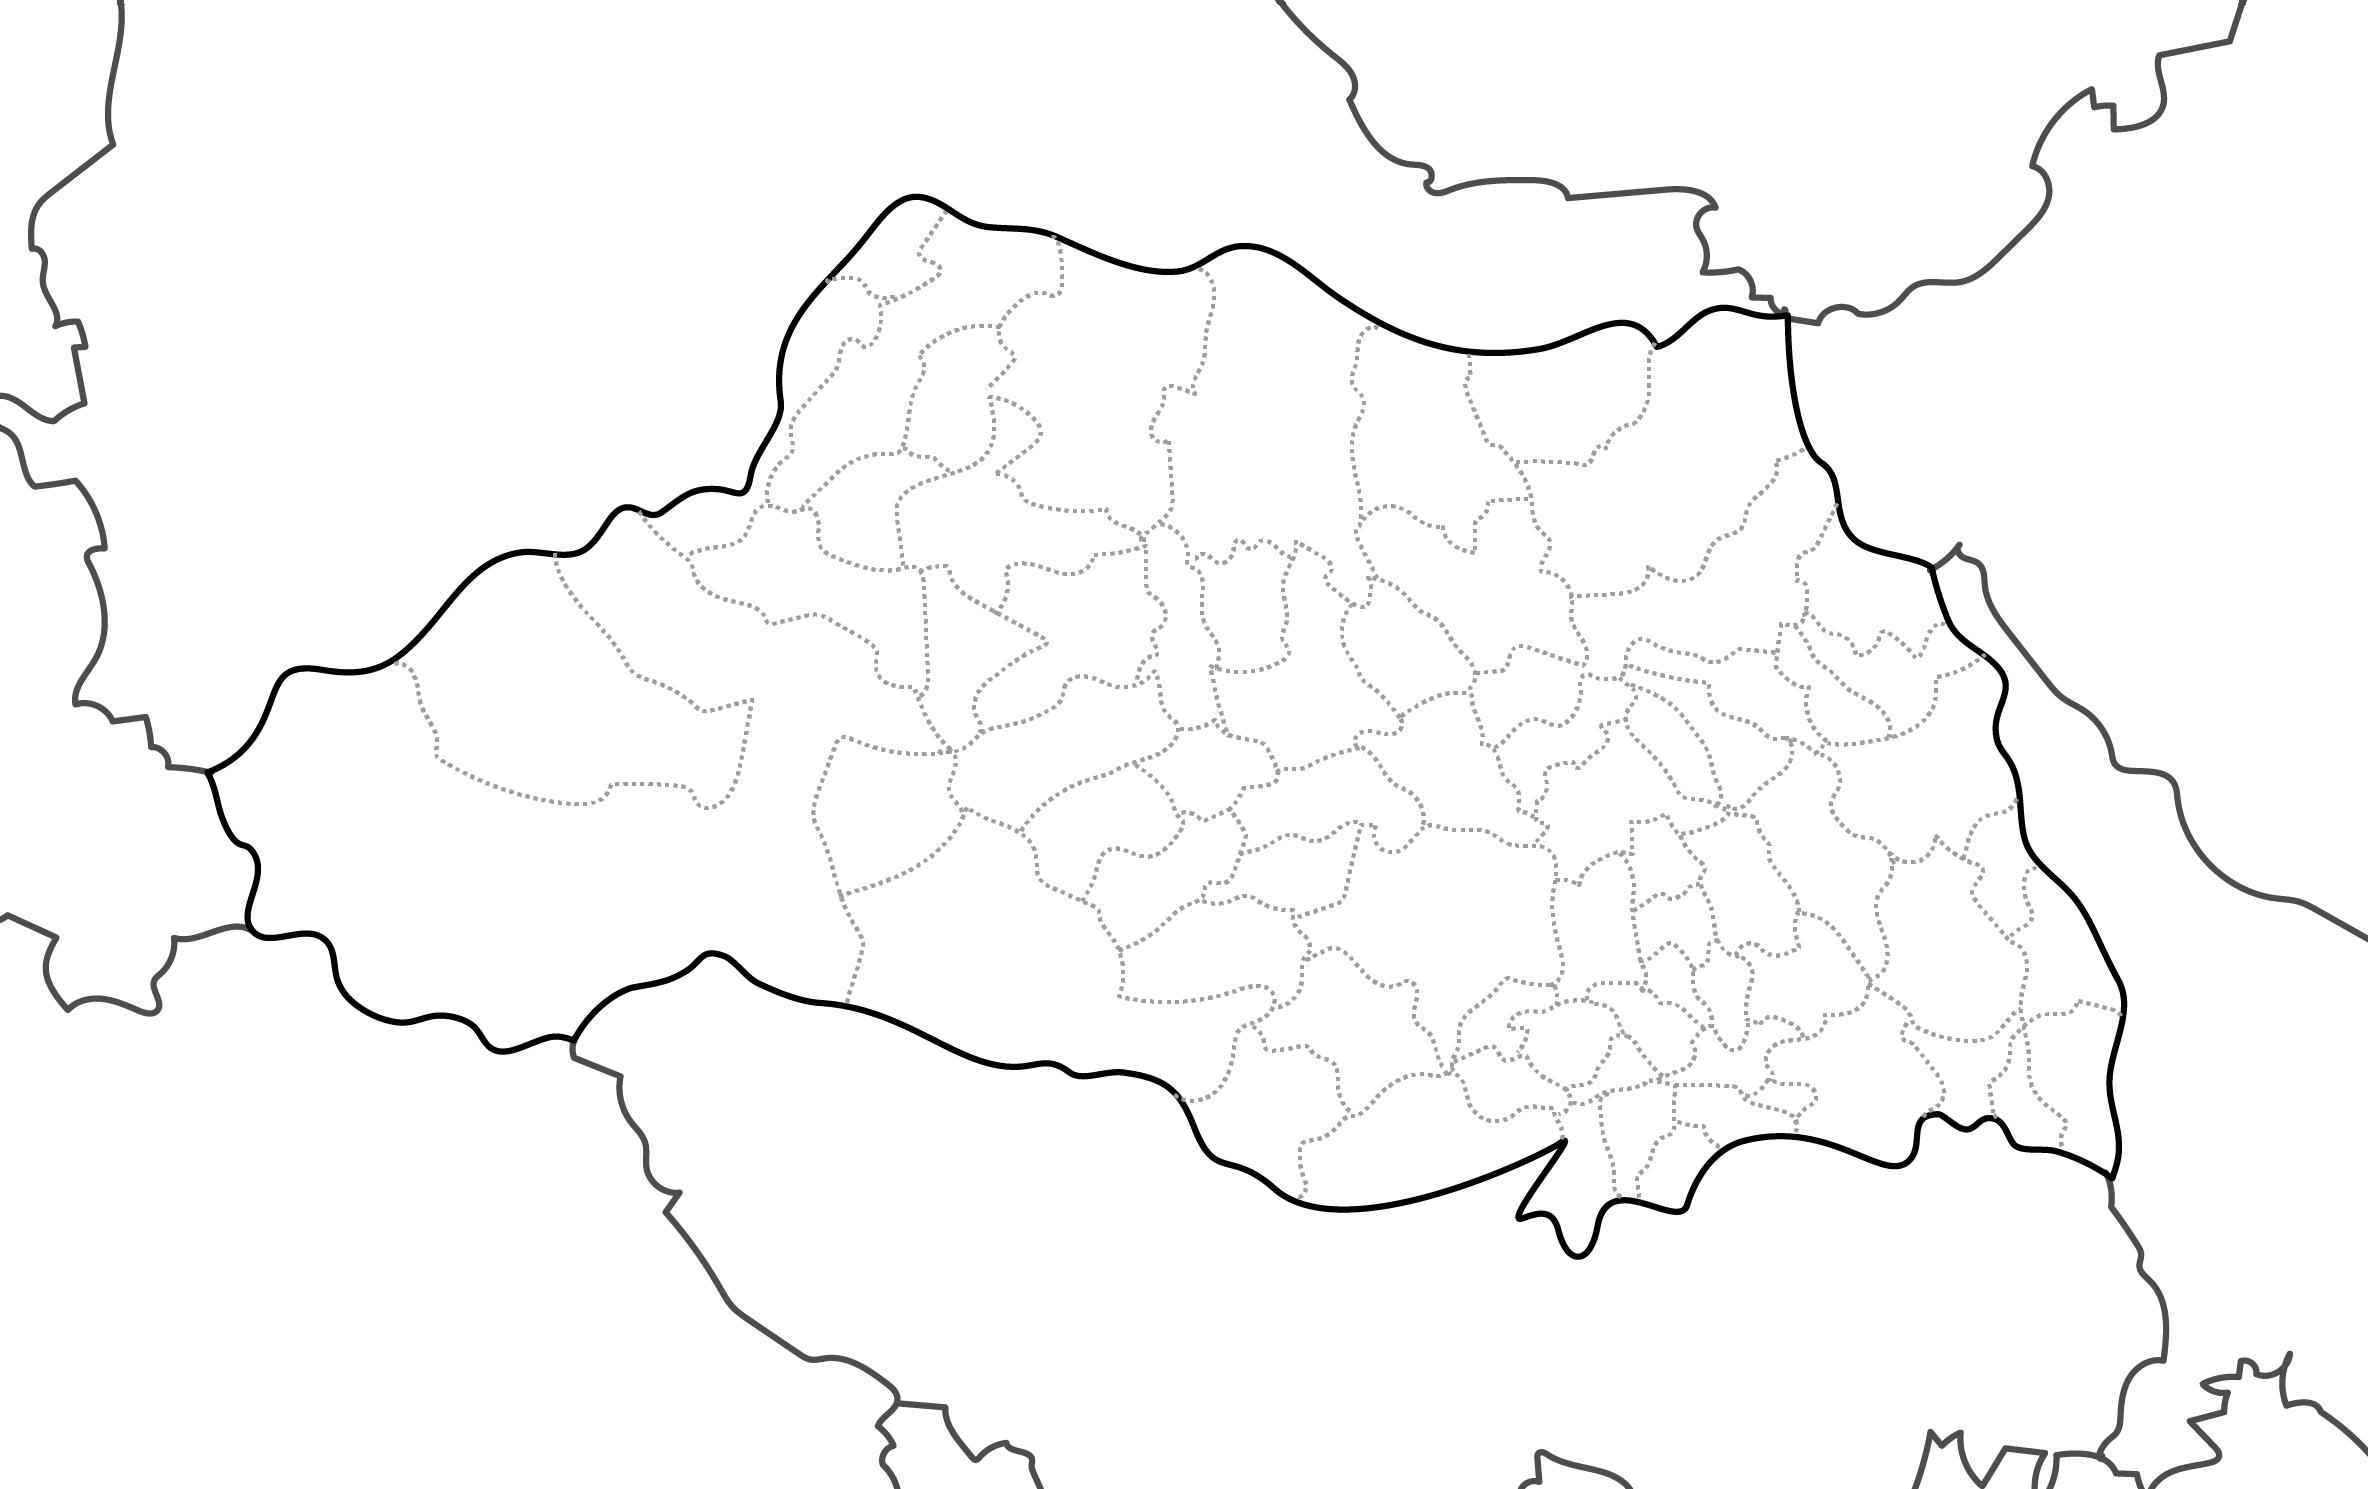 [白地図]埼玉県・ラインあり・市区町村名なし・隣県なし